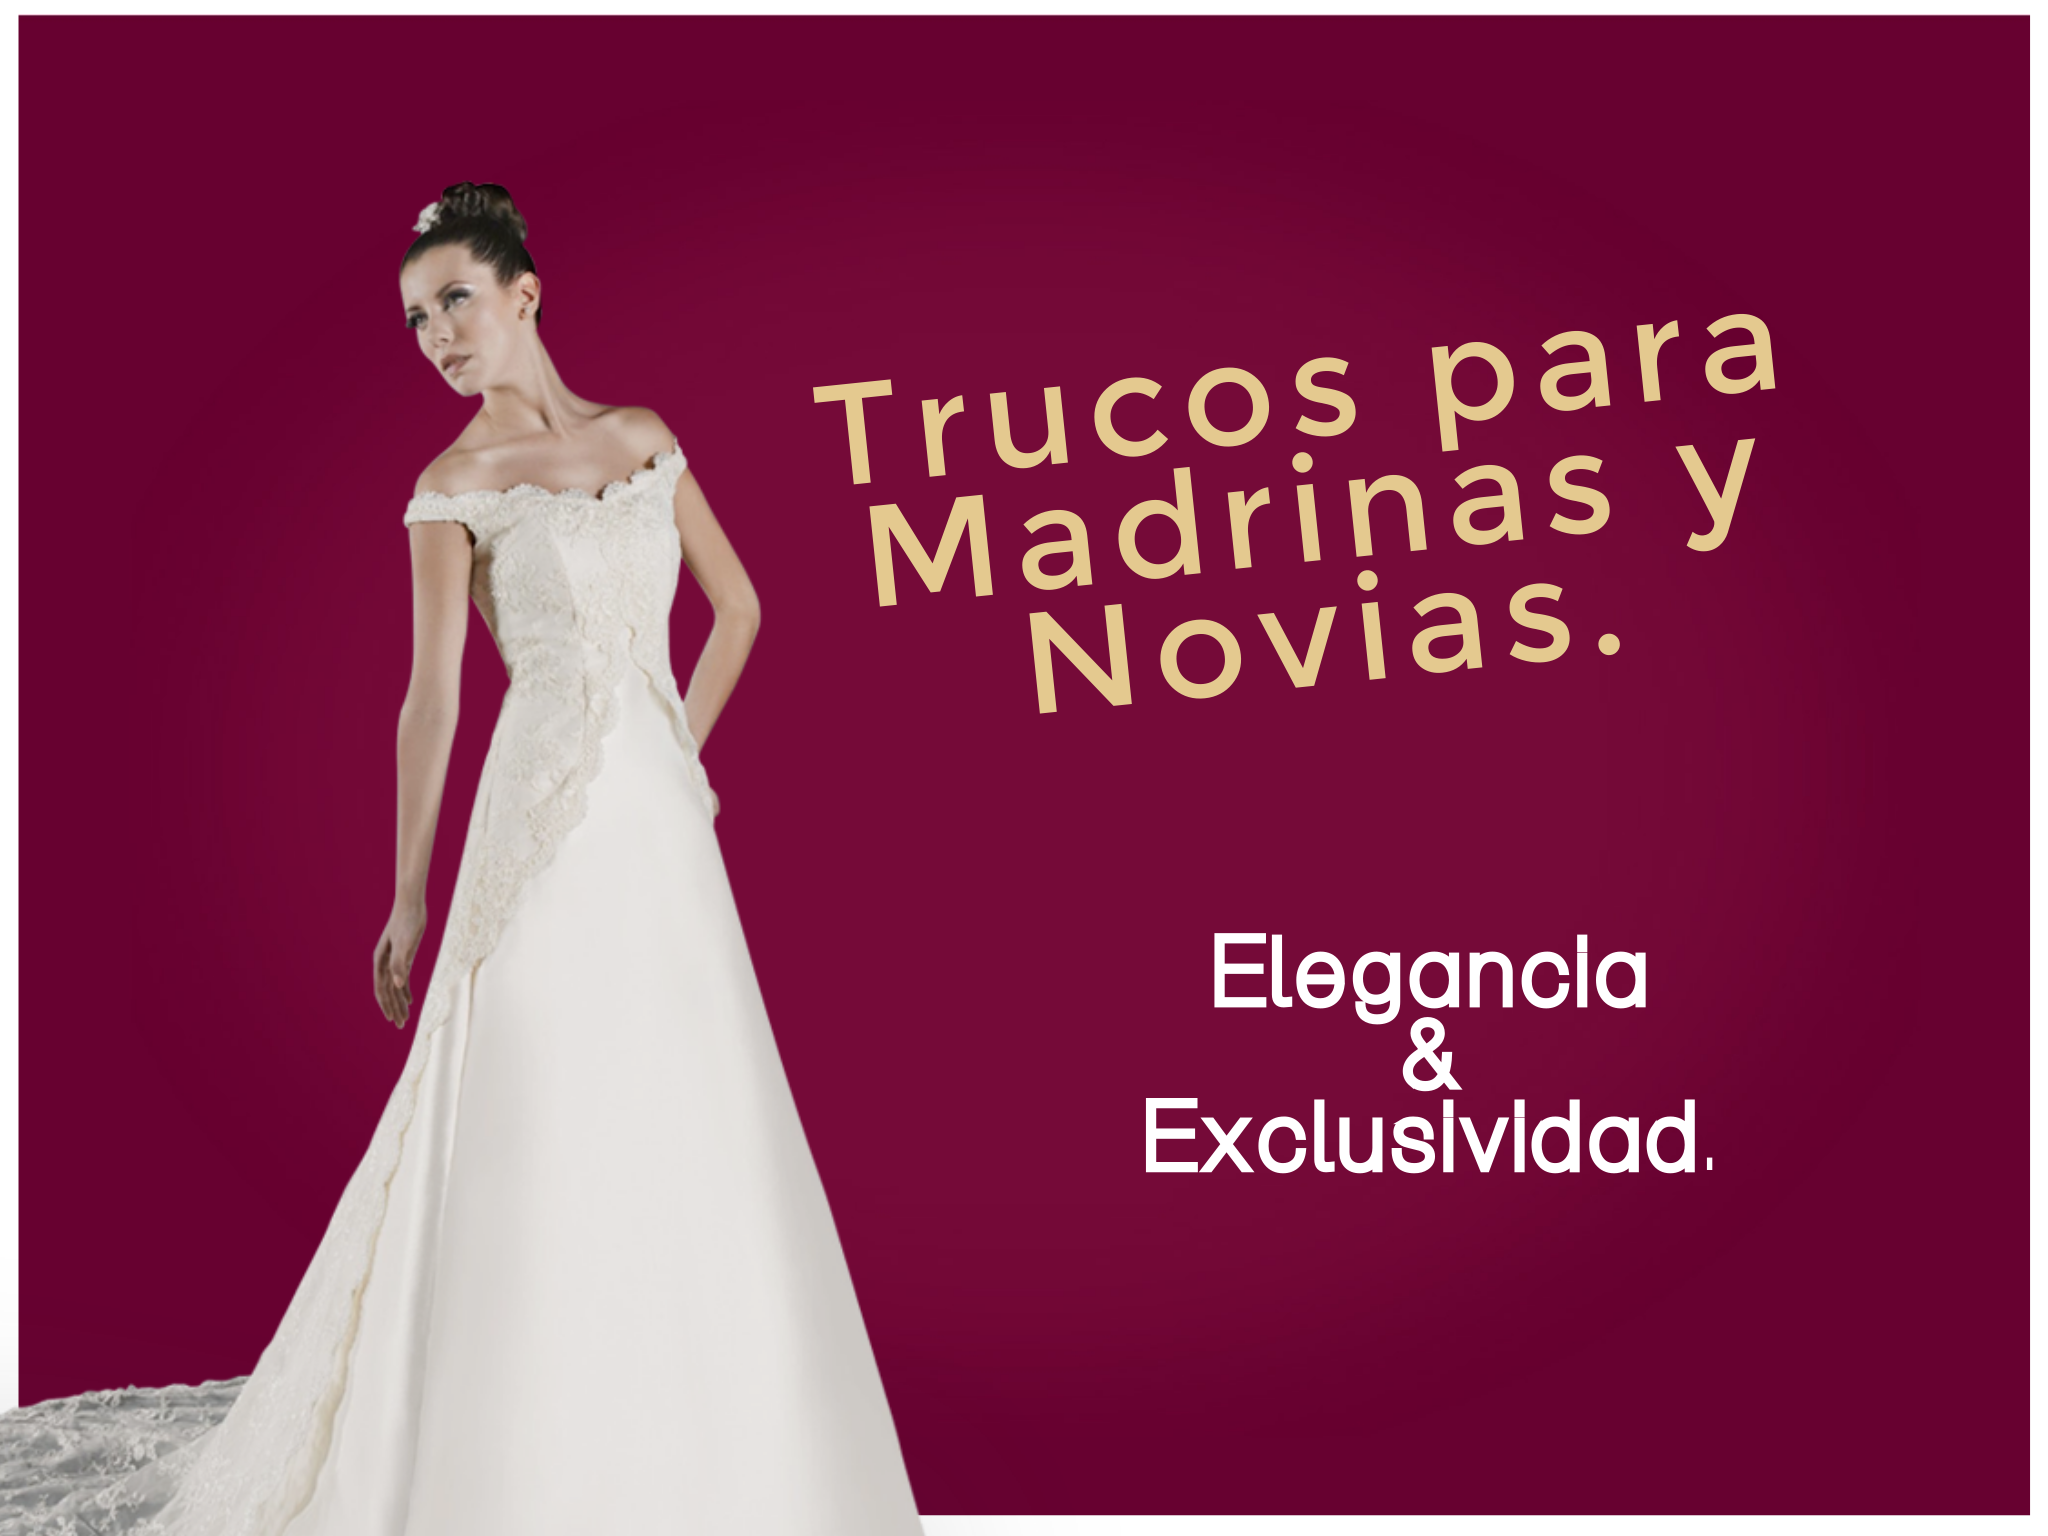 Trucos para la elegancia en madrinas y novias.